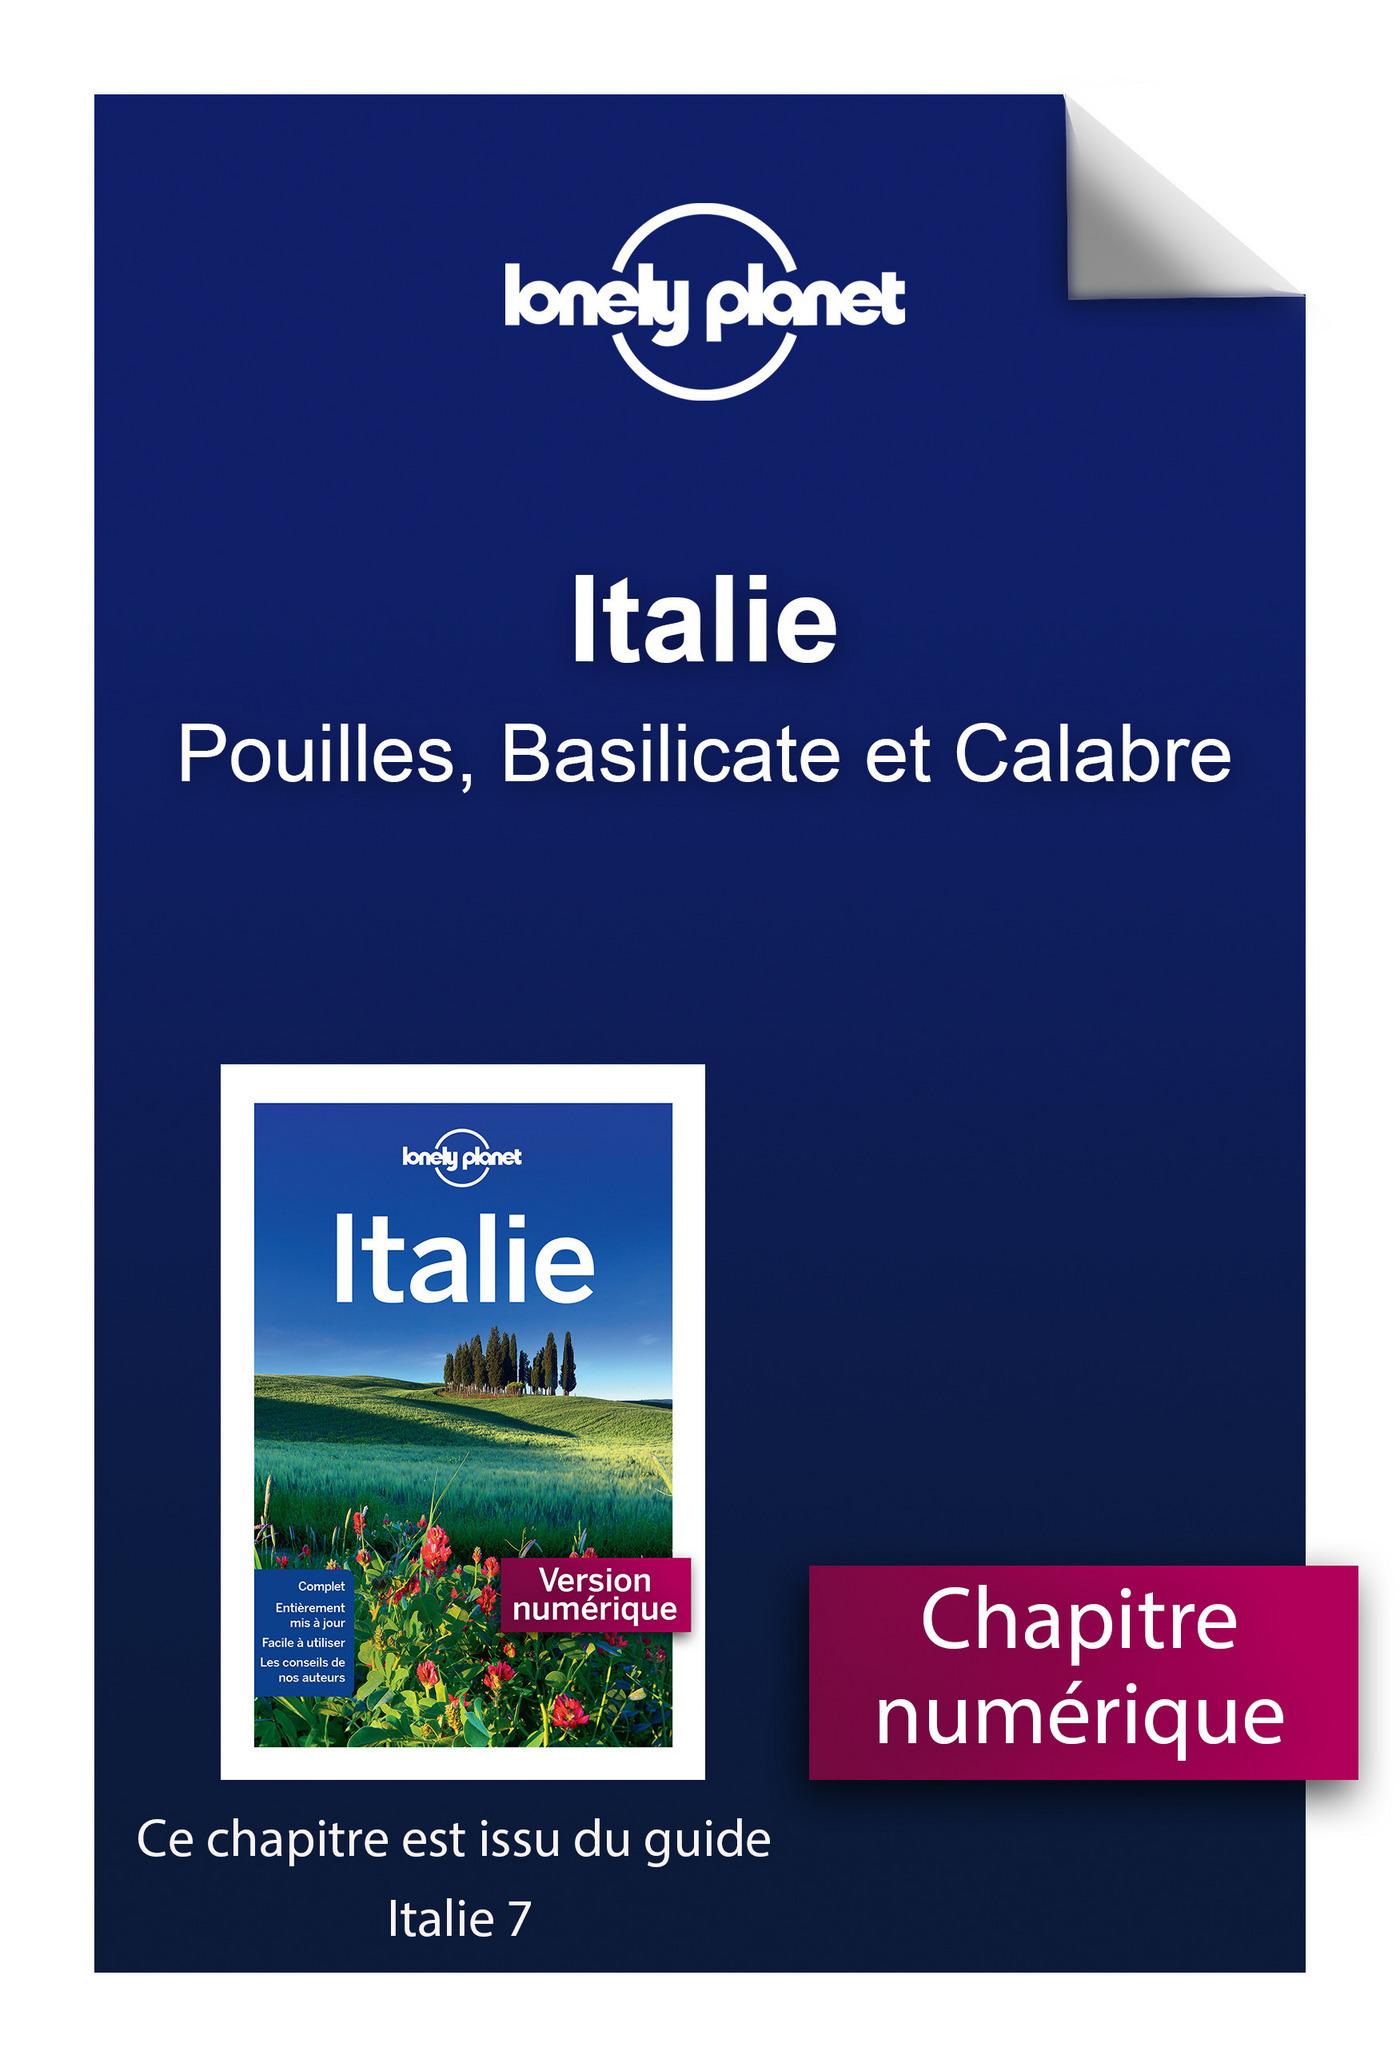 Italie - Pouilles, Basilicate et Calabre